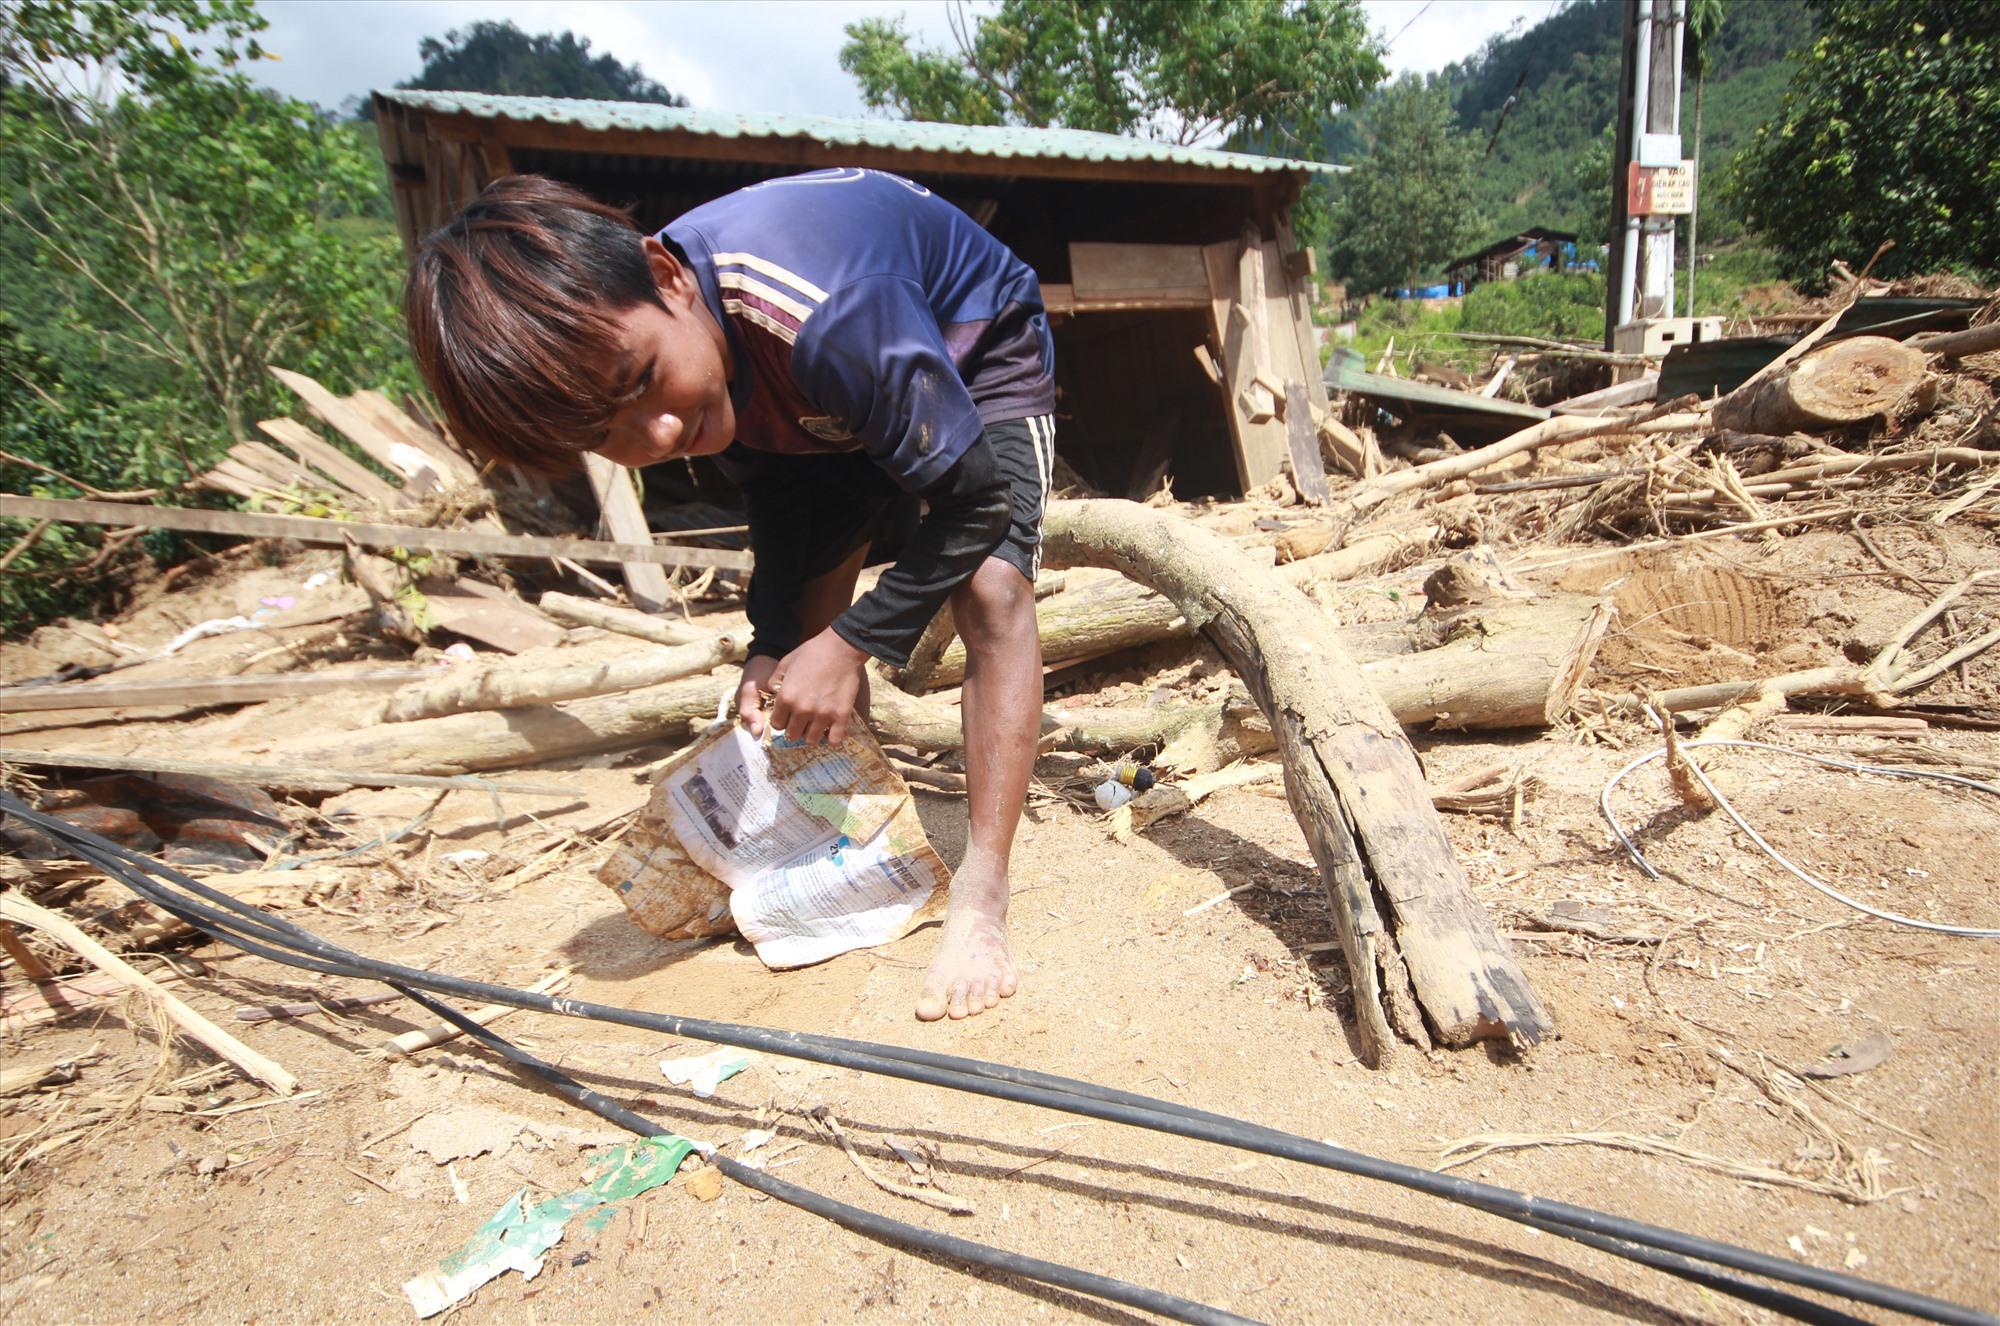 Em Hồ Văn Thoại nhặt nhạnh lại những quyển sách đã bị lấm lem bùn đất, ướt nhoẹt sau lũ. Ảnh: T.C